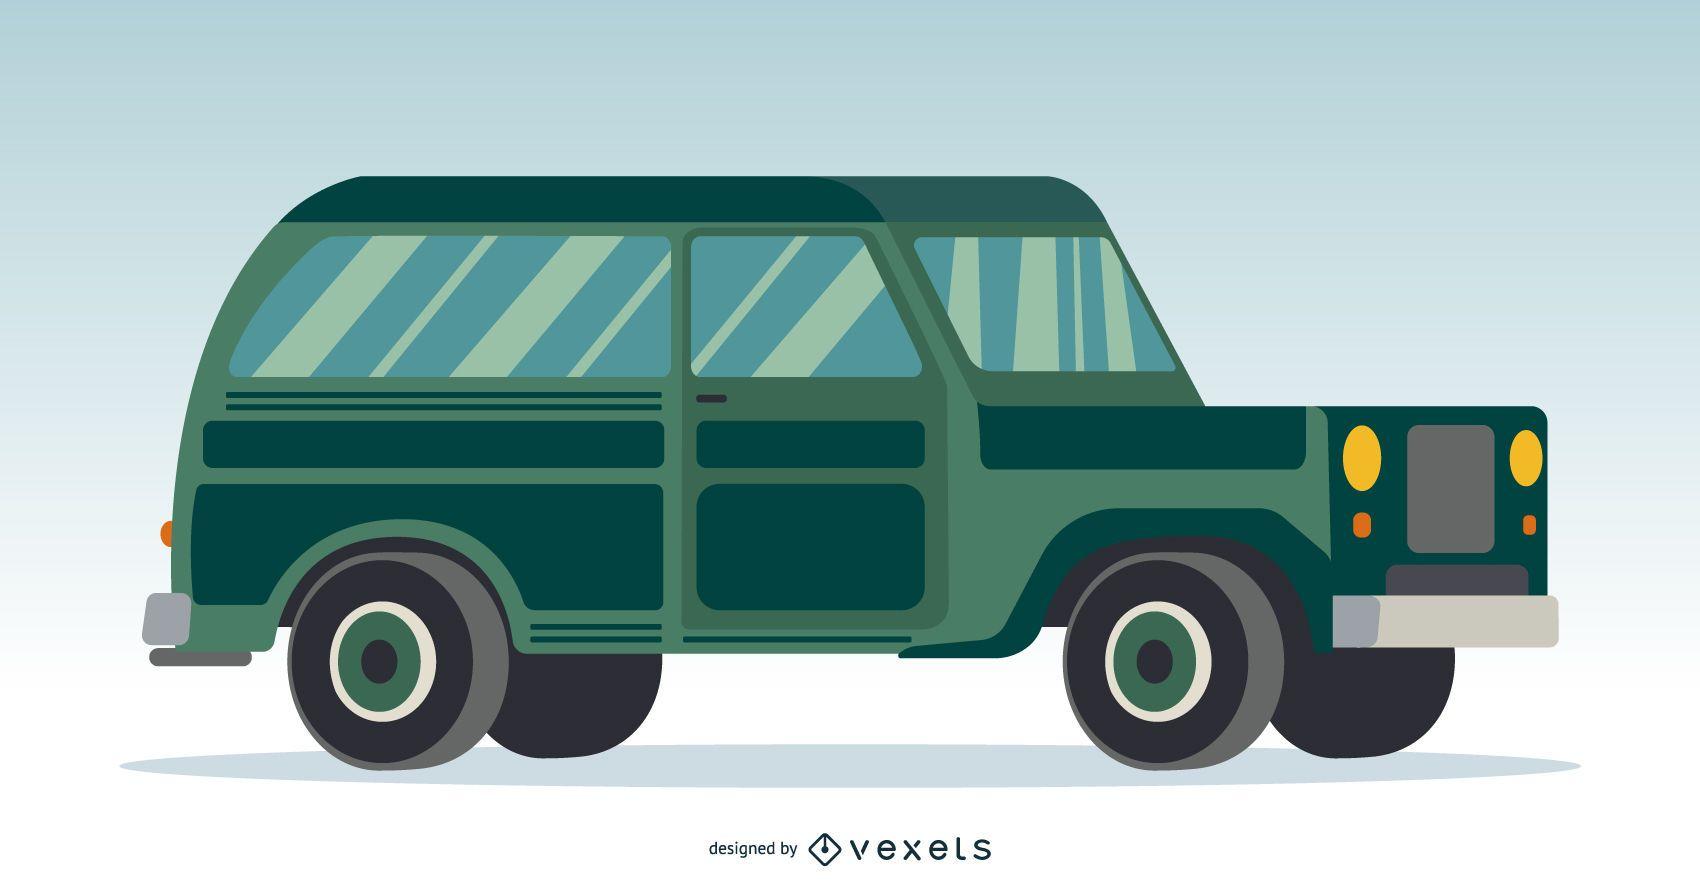 Ilustraci?n de coche verde cl?sico